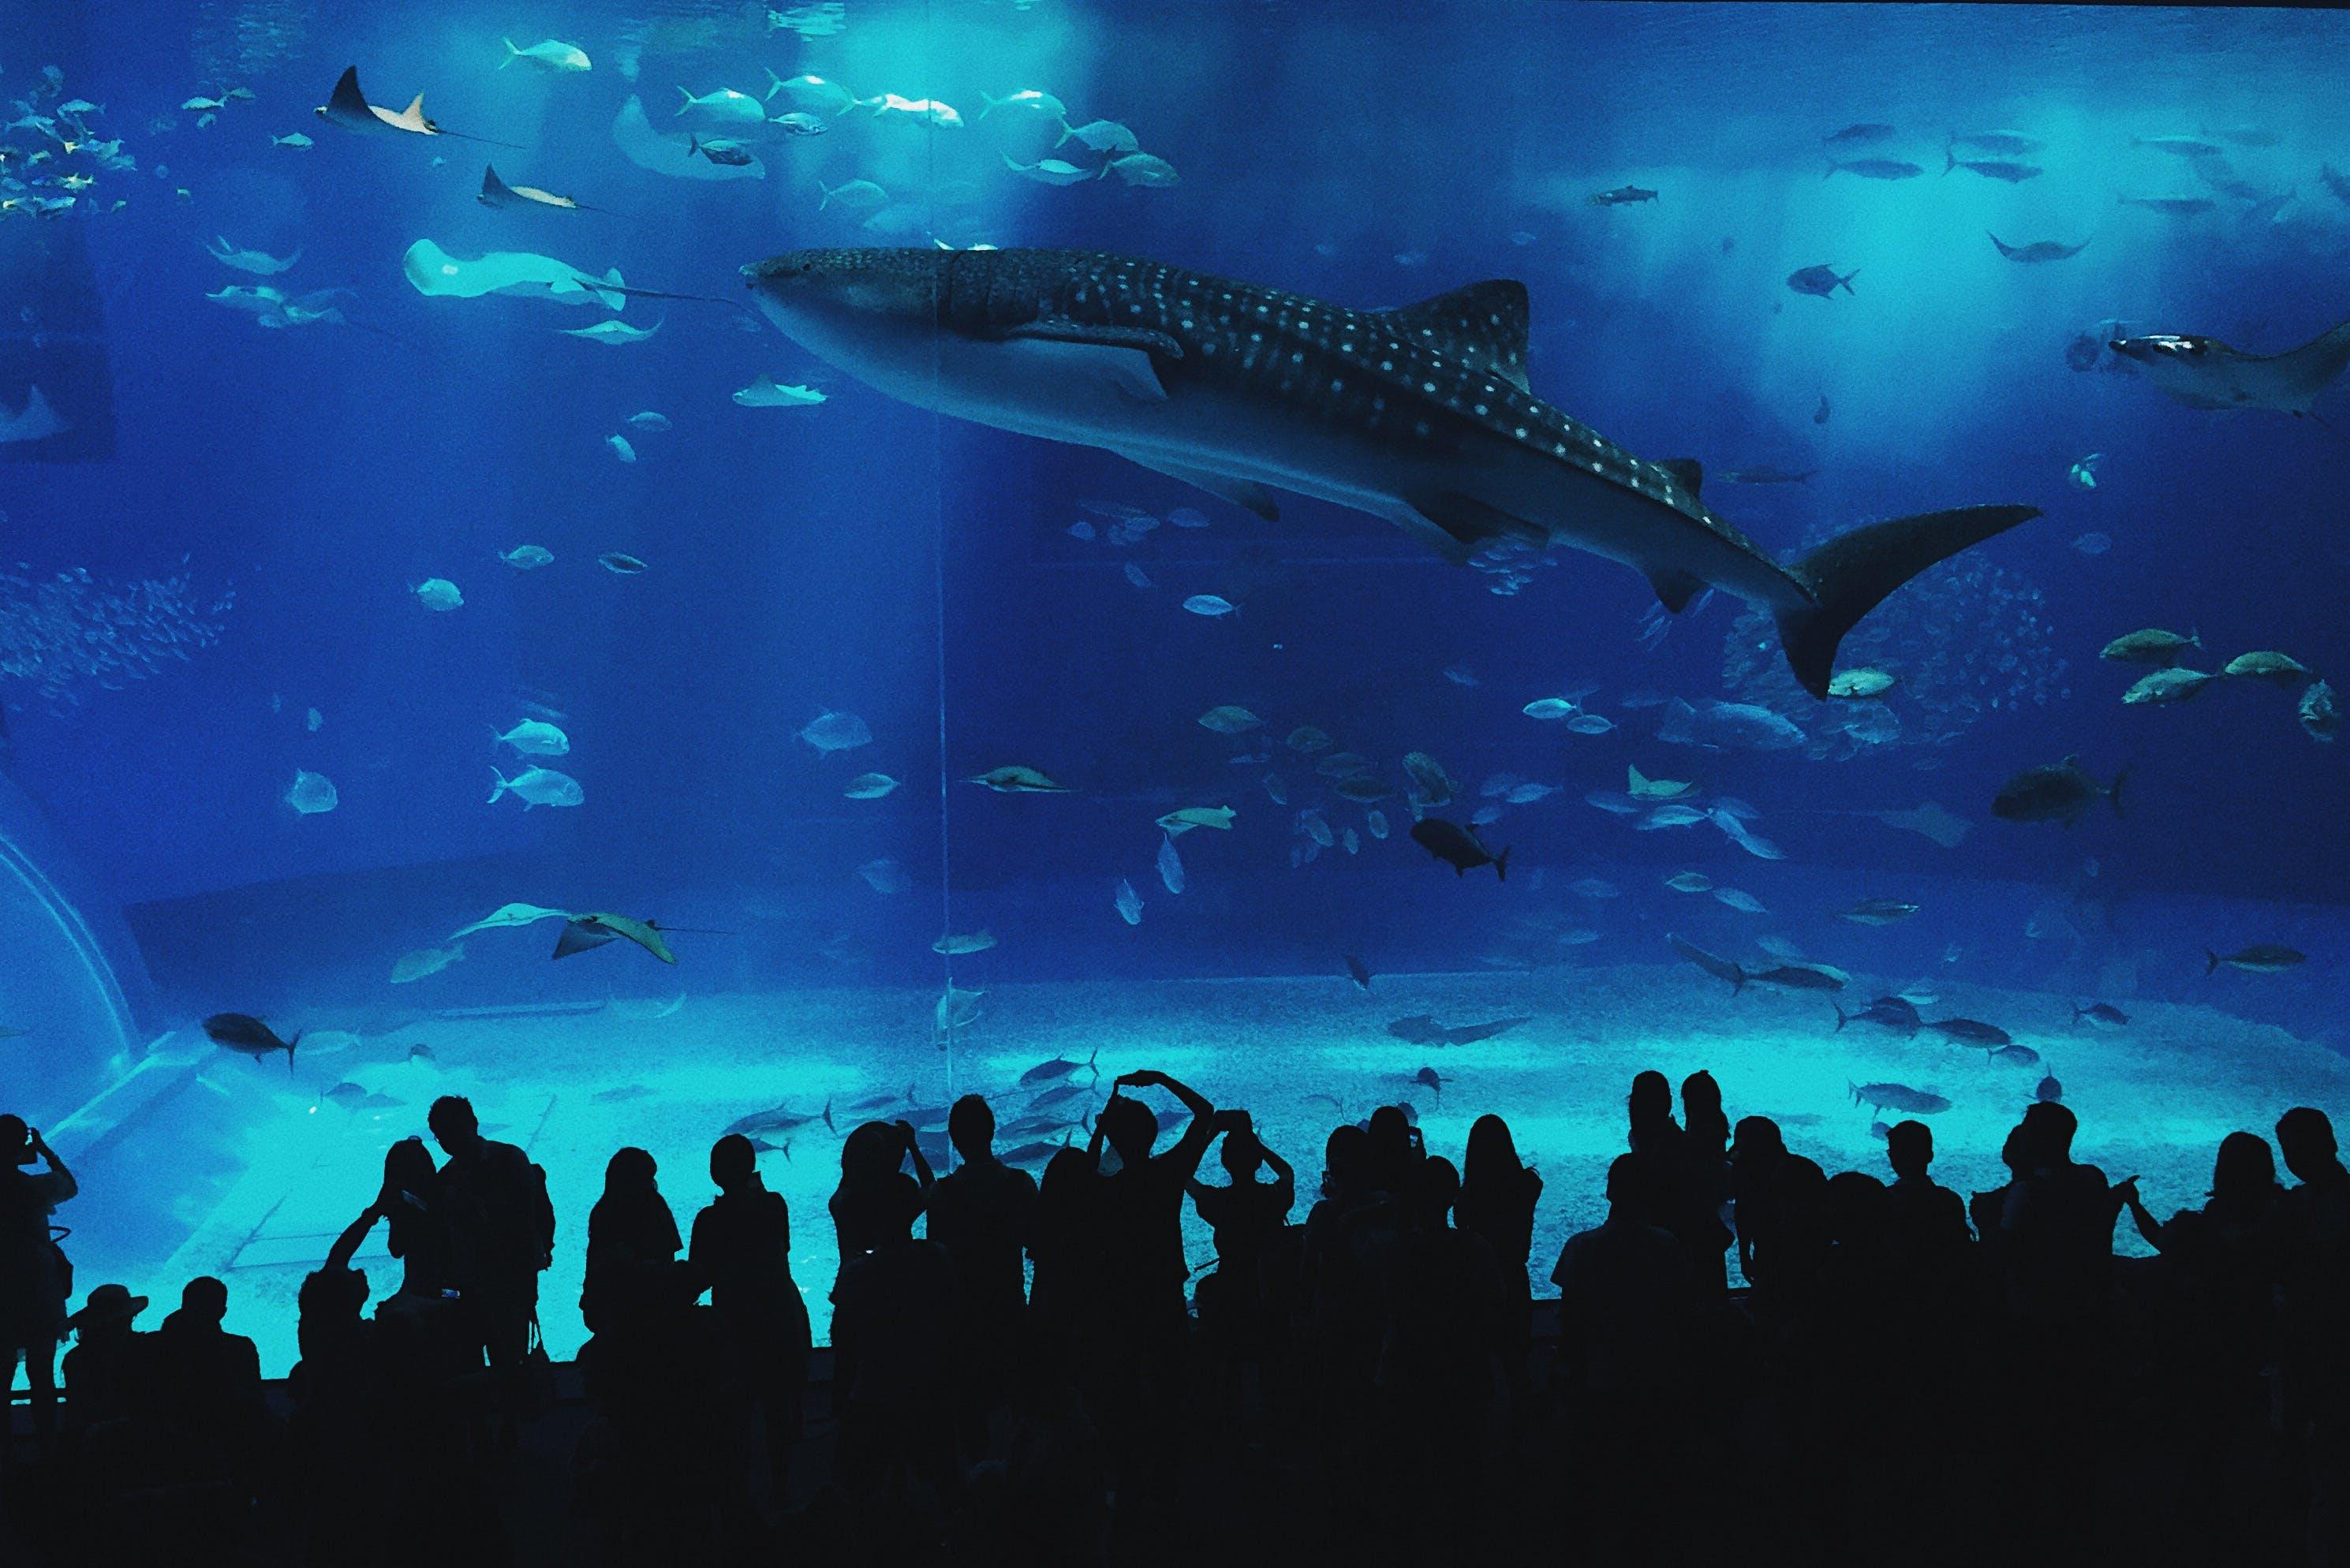 Free stock photo of people, blue, fish, aquarium